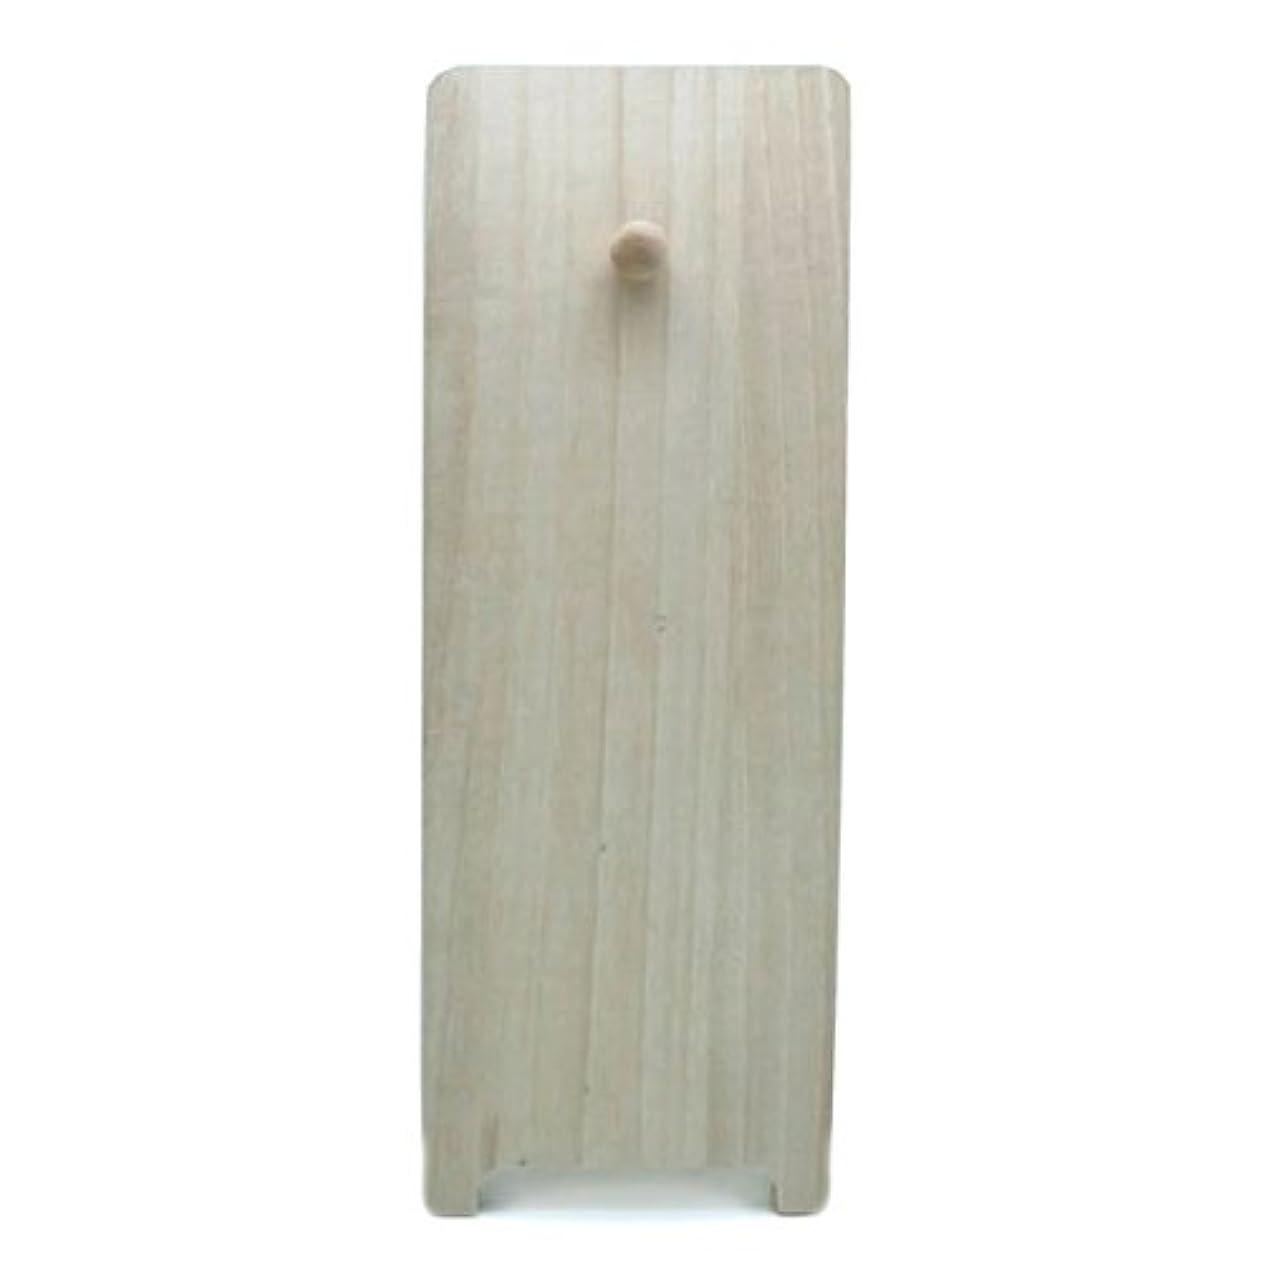 保存フォーム神の桐製飾り台